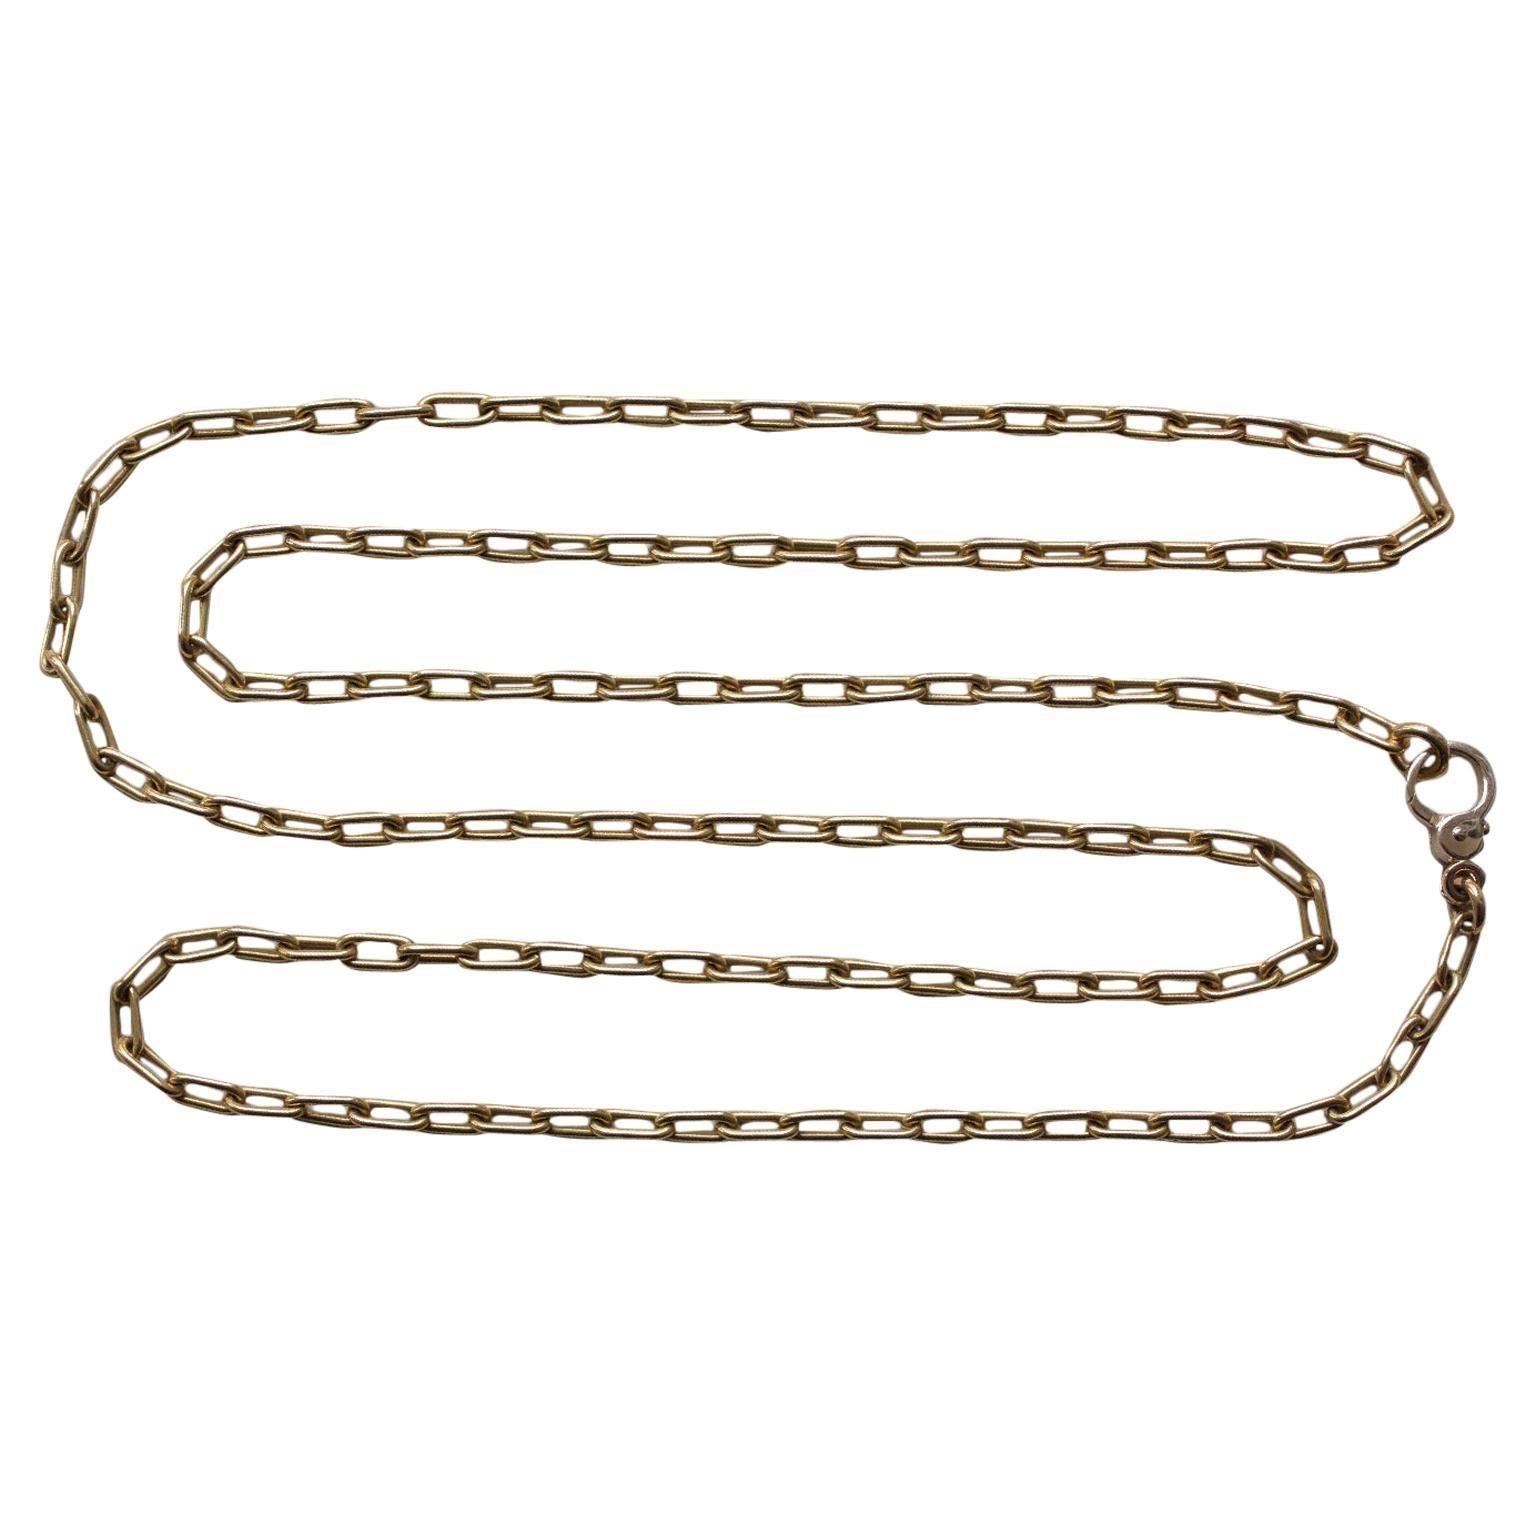 Bi-Color 18 Carat Gold Pomellato Paperclip Chain